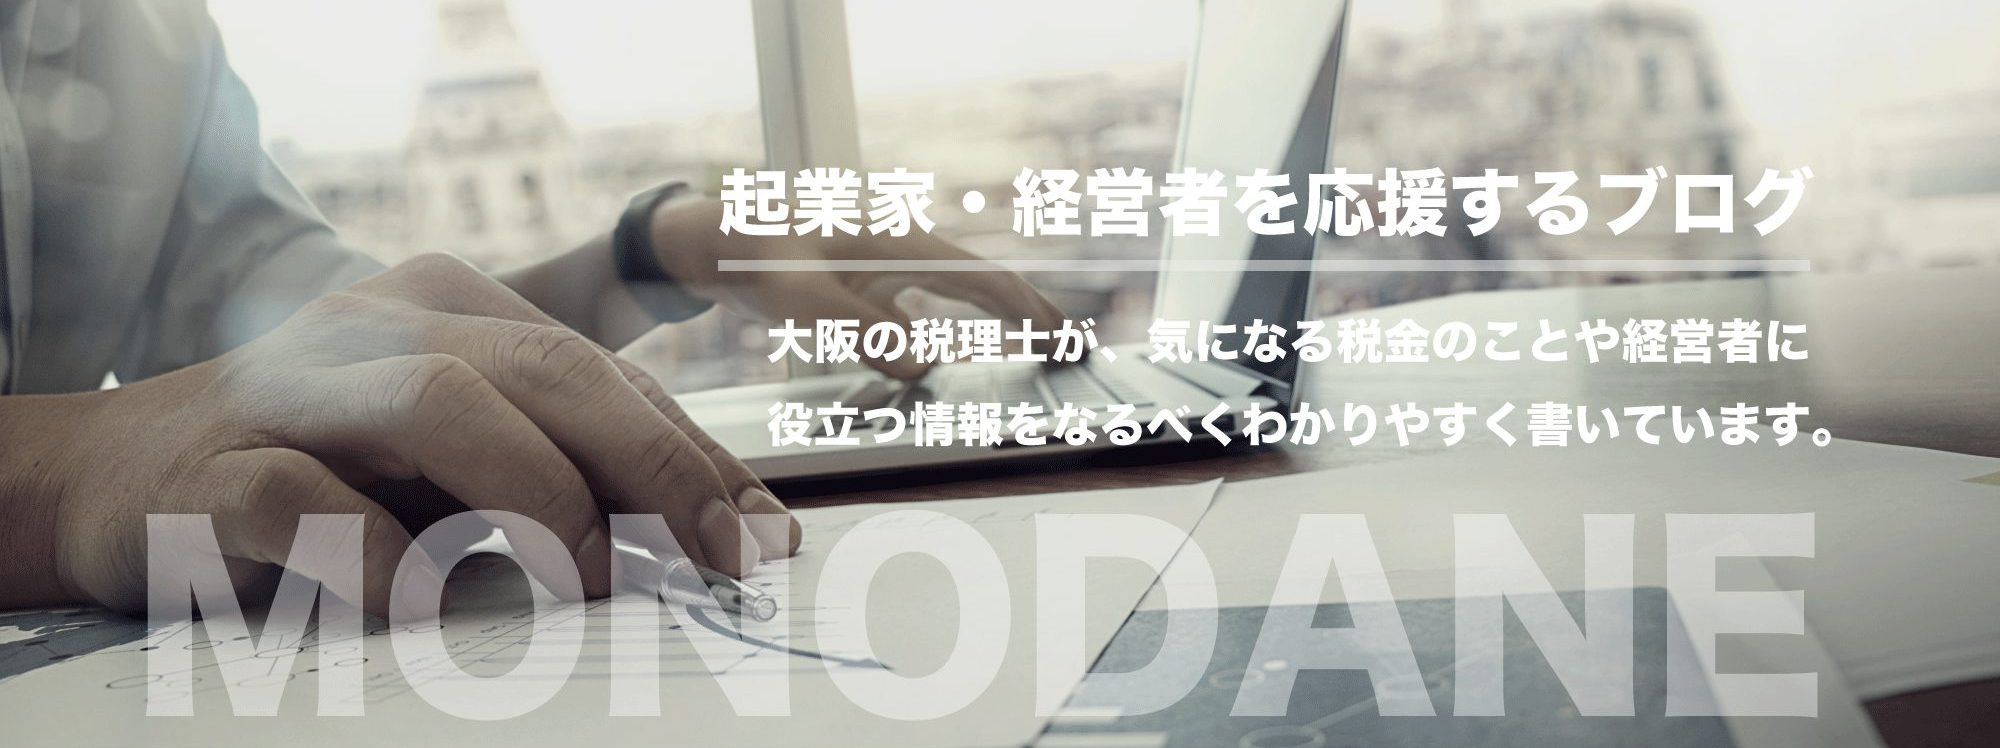 起業家・経営者を応援するブログ